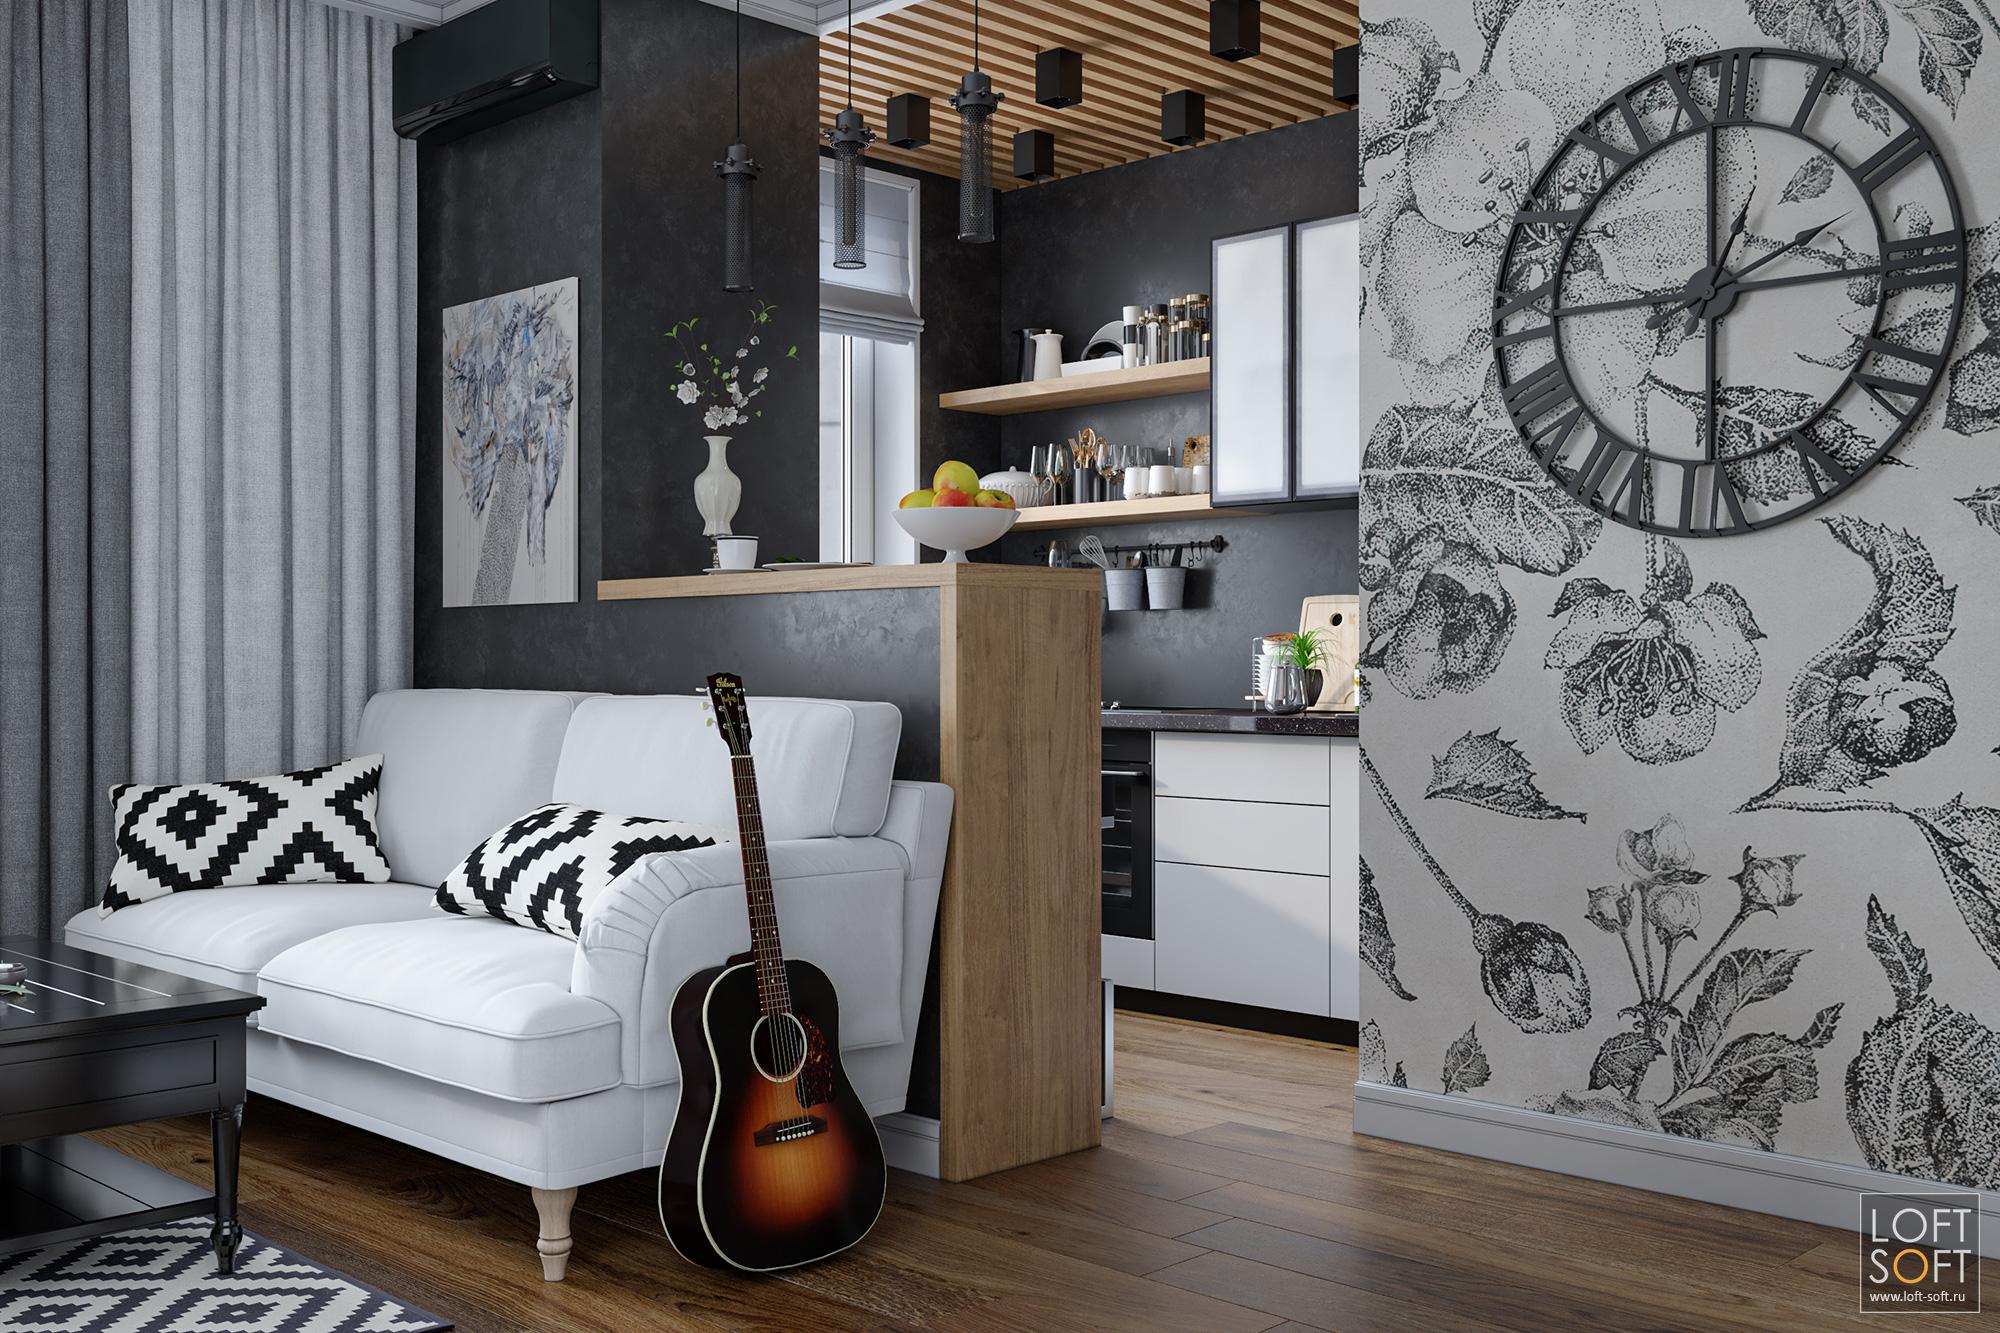 Современная черная кухня. Барная стойка вместо обеденного стола. Белый диван у черной стены.